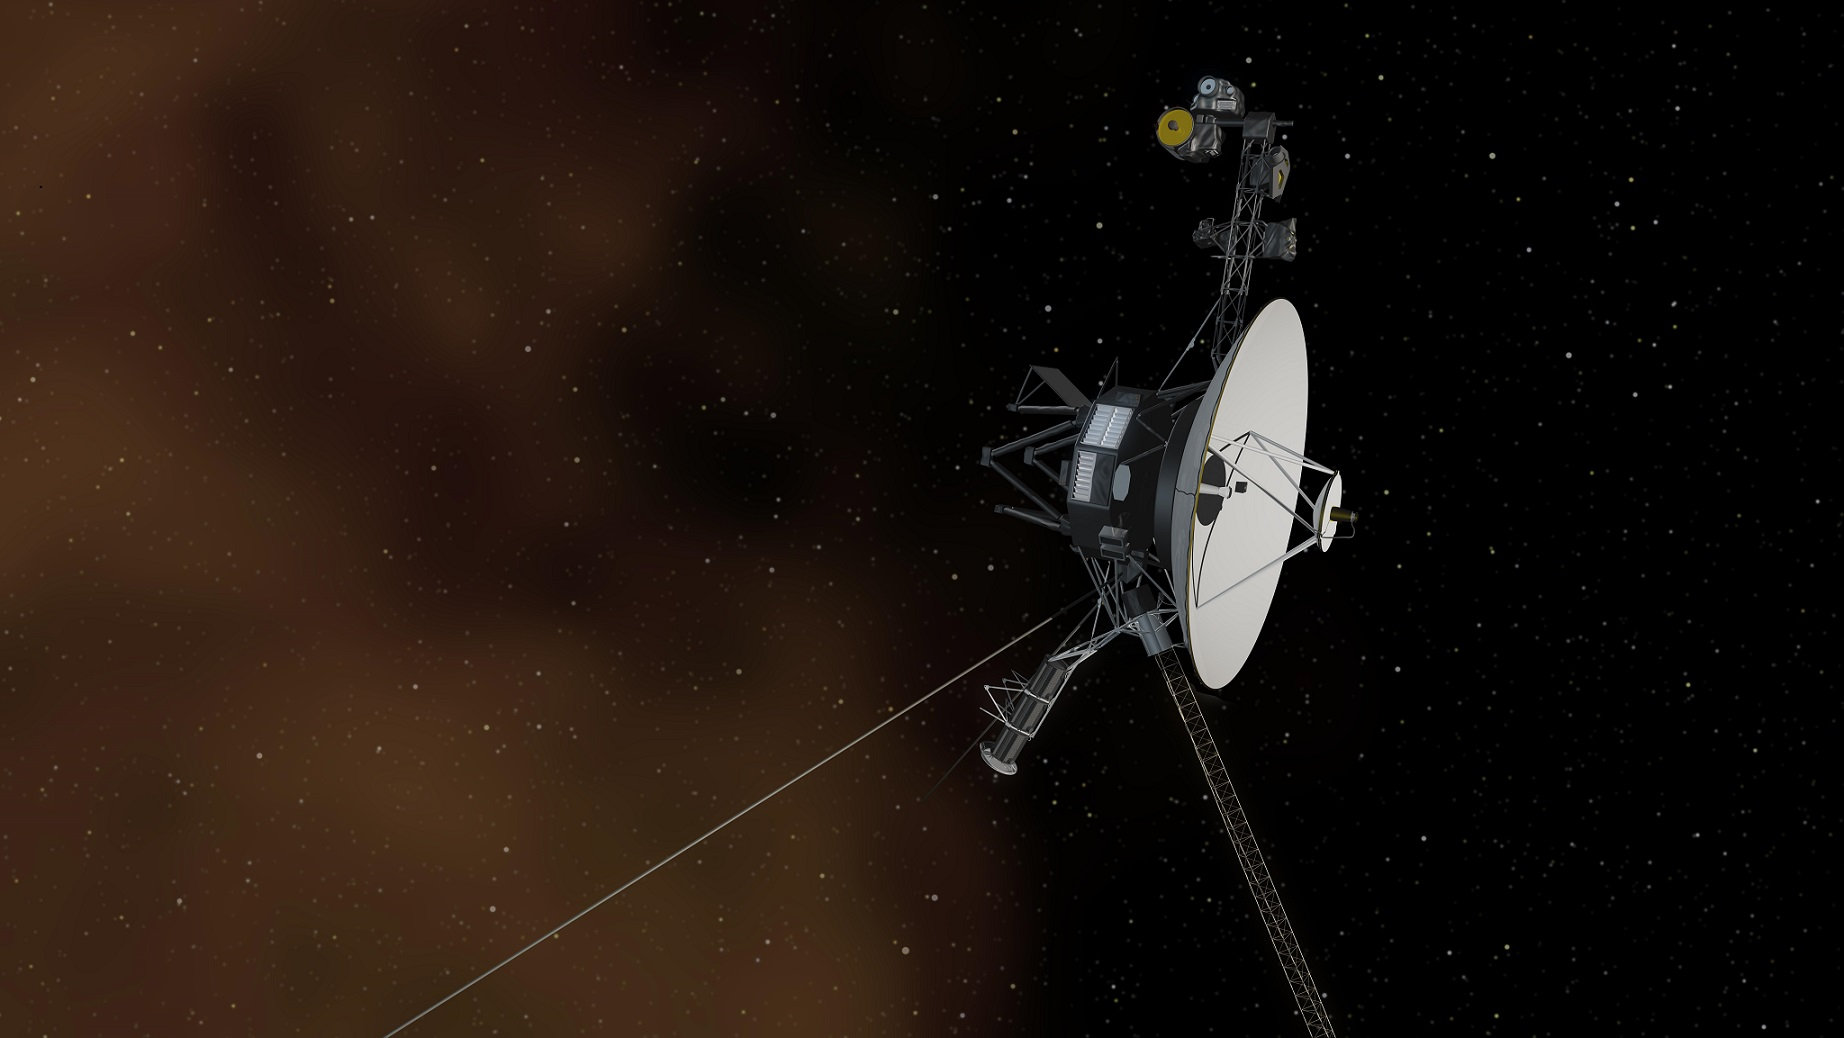 artist's view of voyager spacecraft in interstellar space